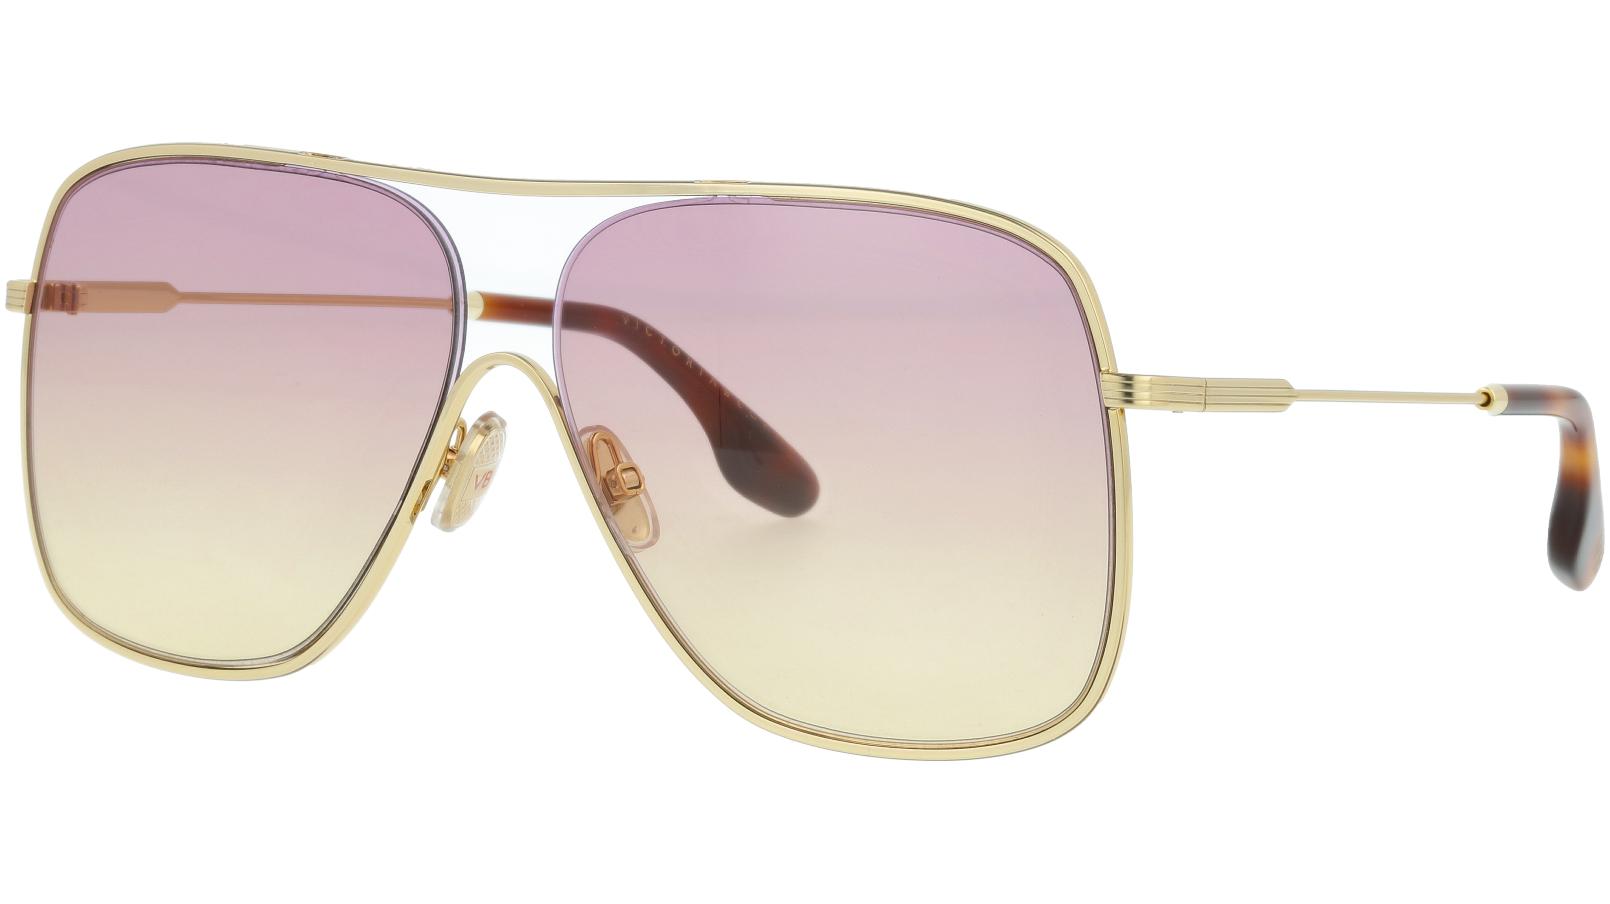 Victoria Beckham VB132S 707 61 Gold Sunglasses